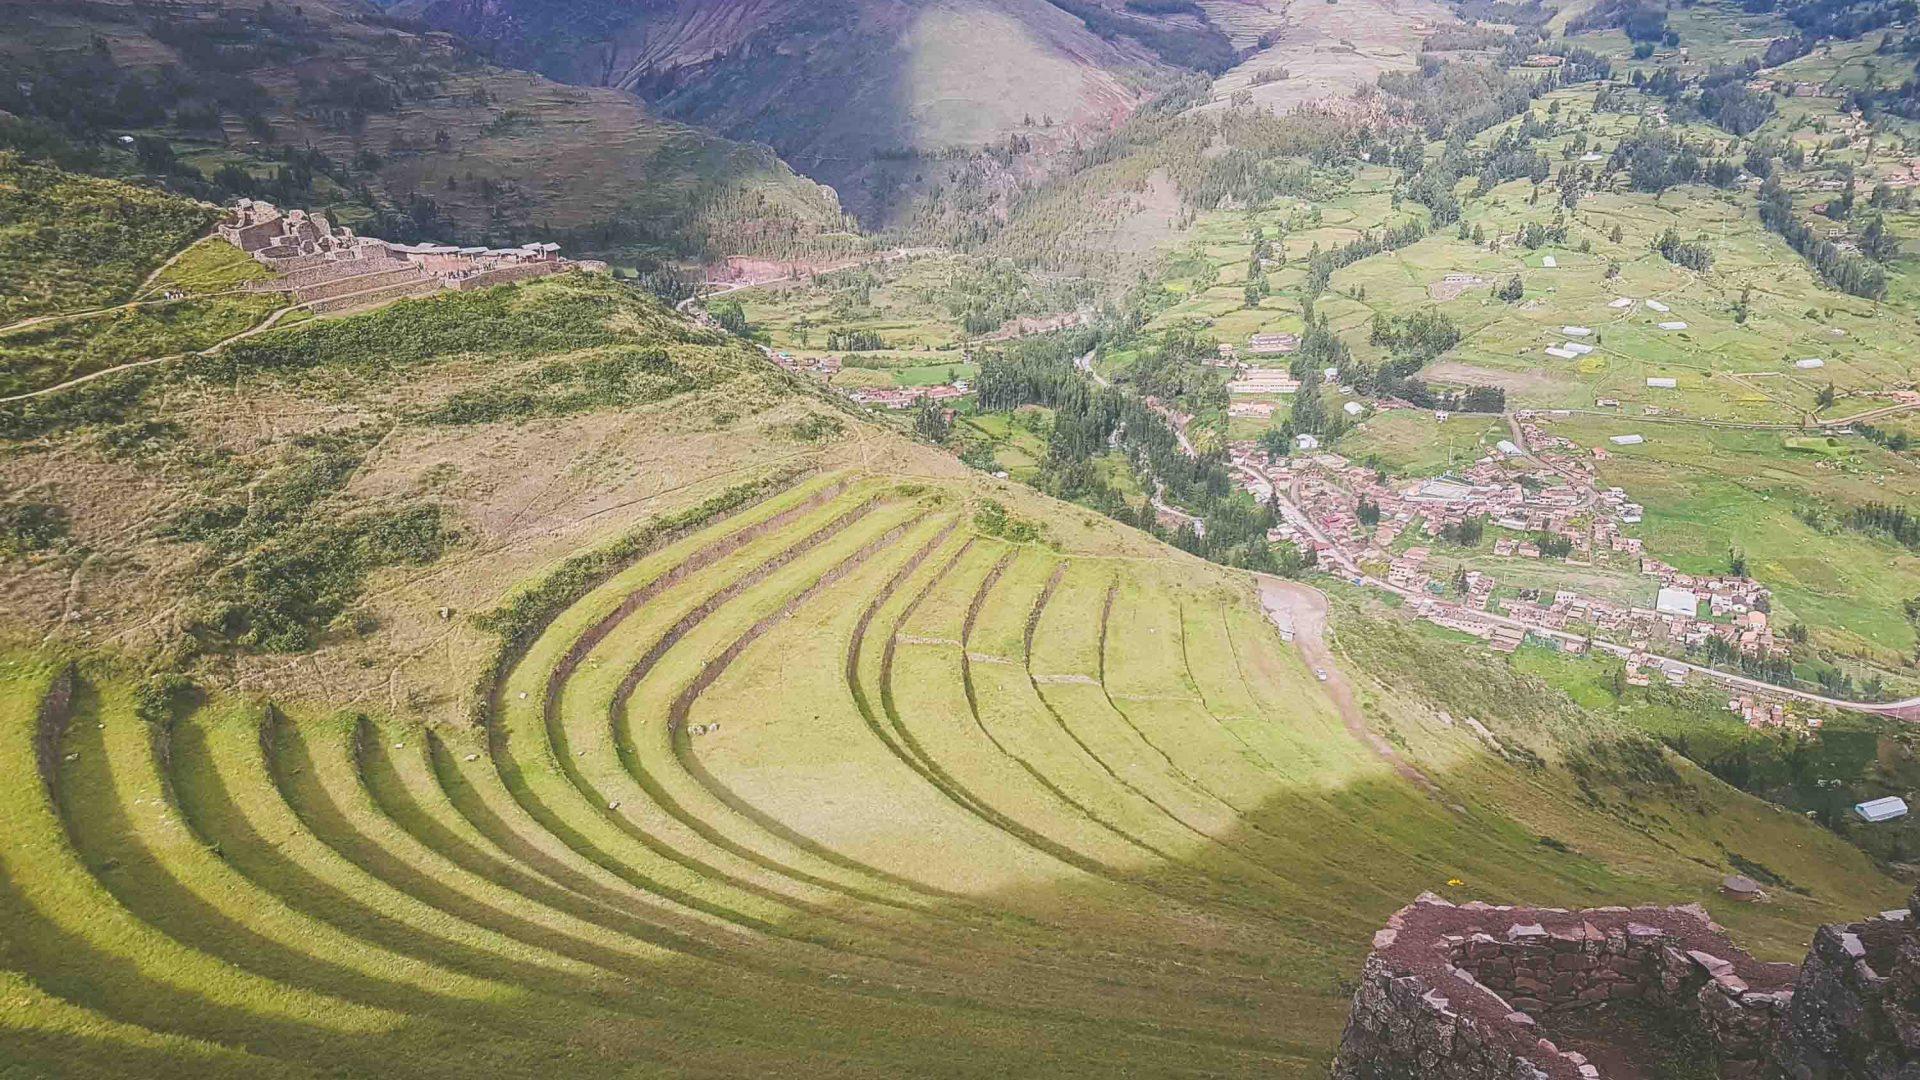 Terraced fields meet hikers during the Salkantay hike in Peru.